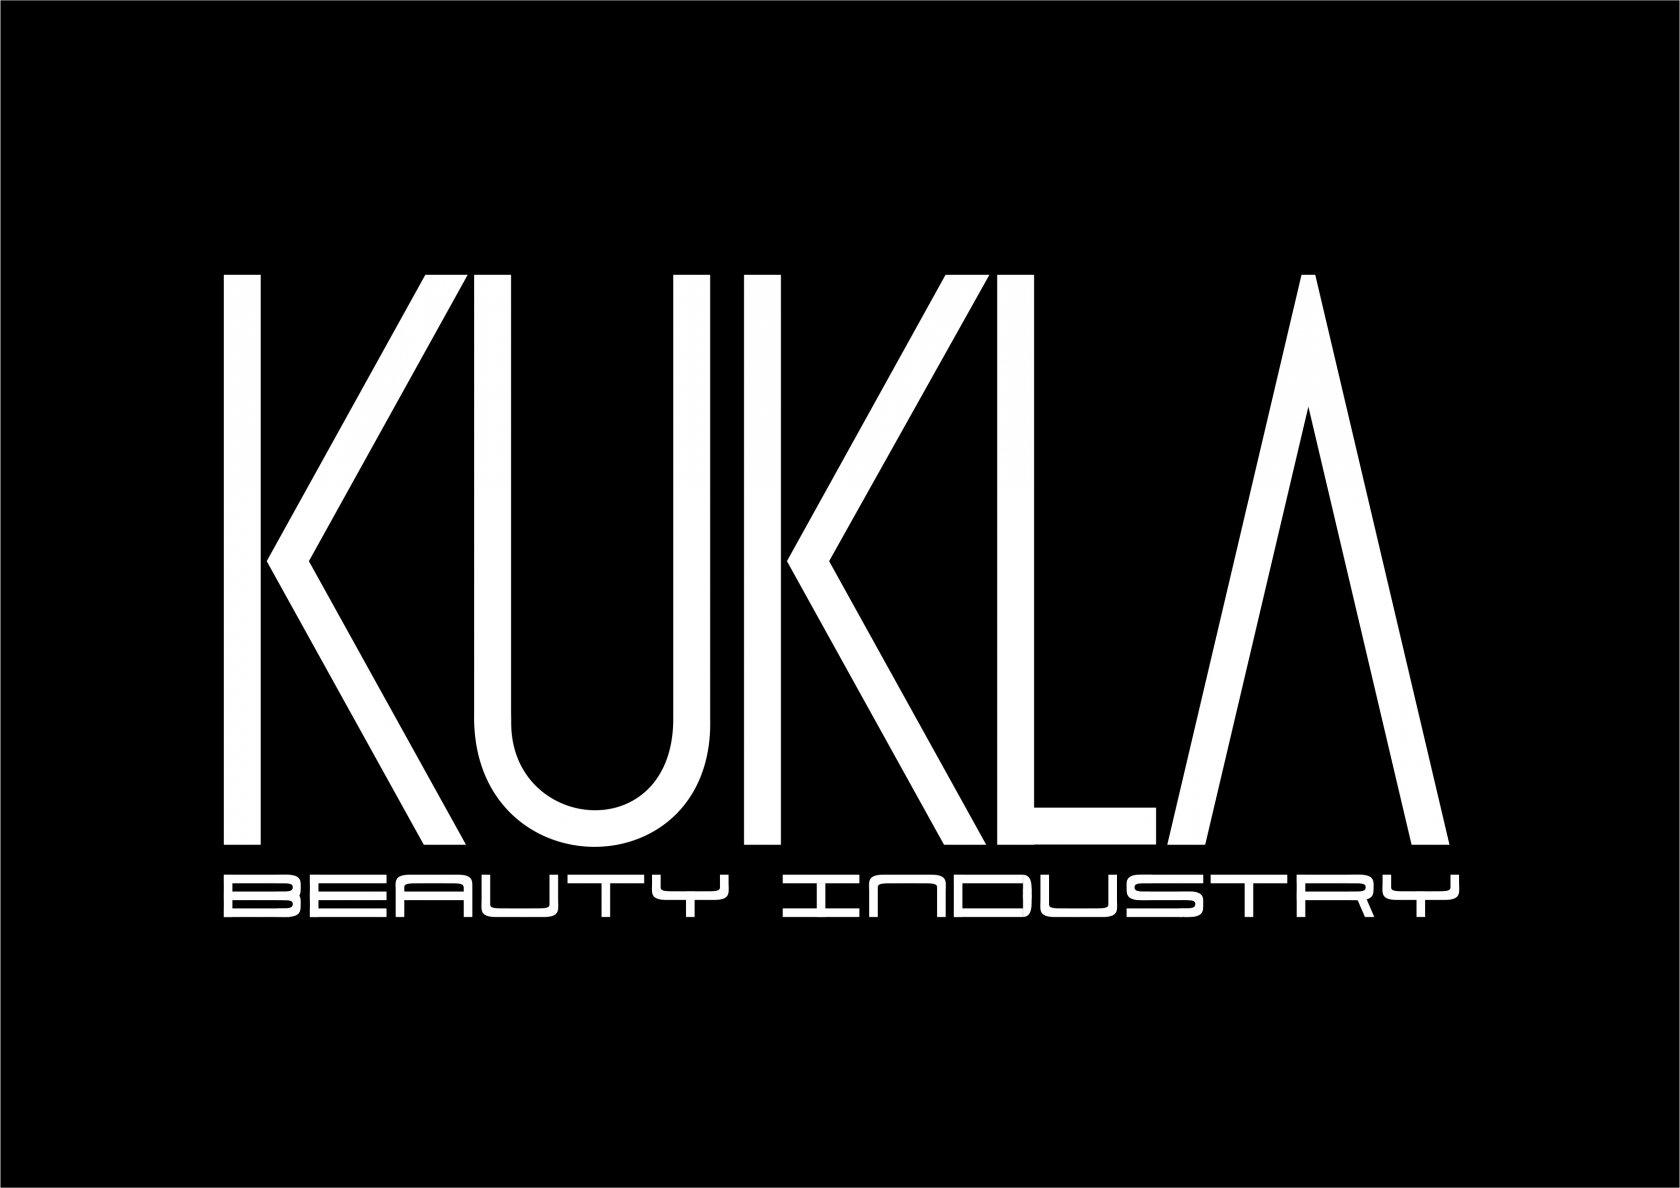 Kukla Магазин Профессиональной Косметики Екатеринбург Сайт